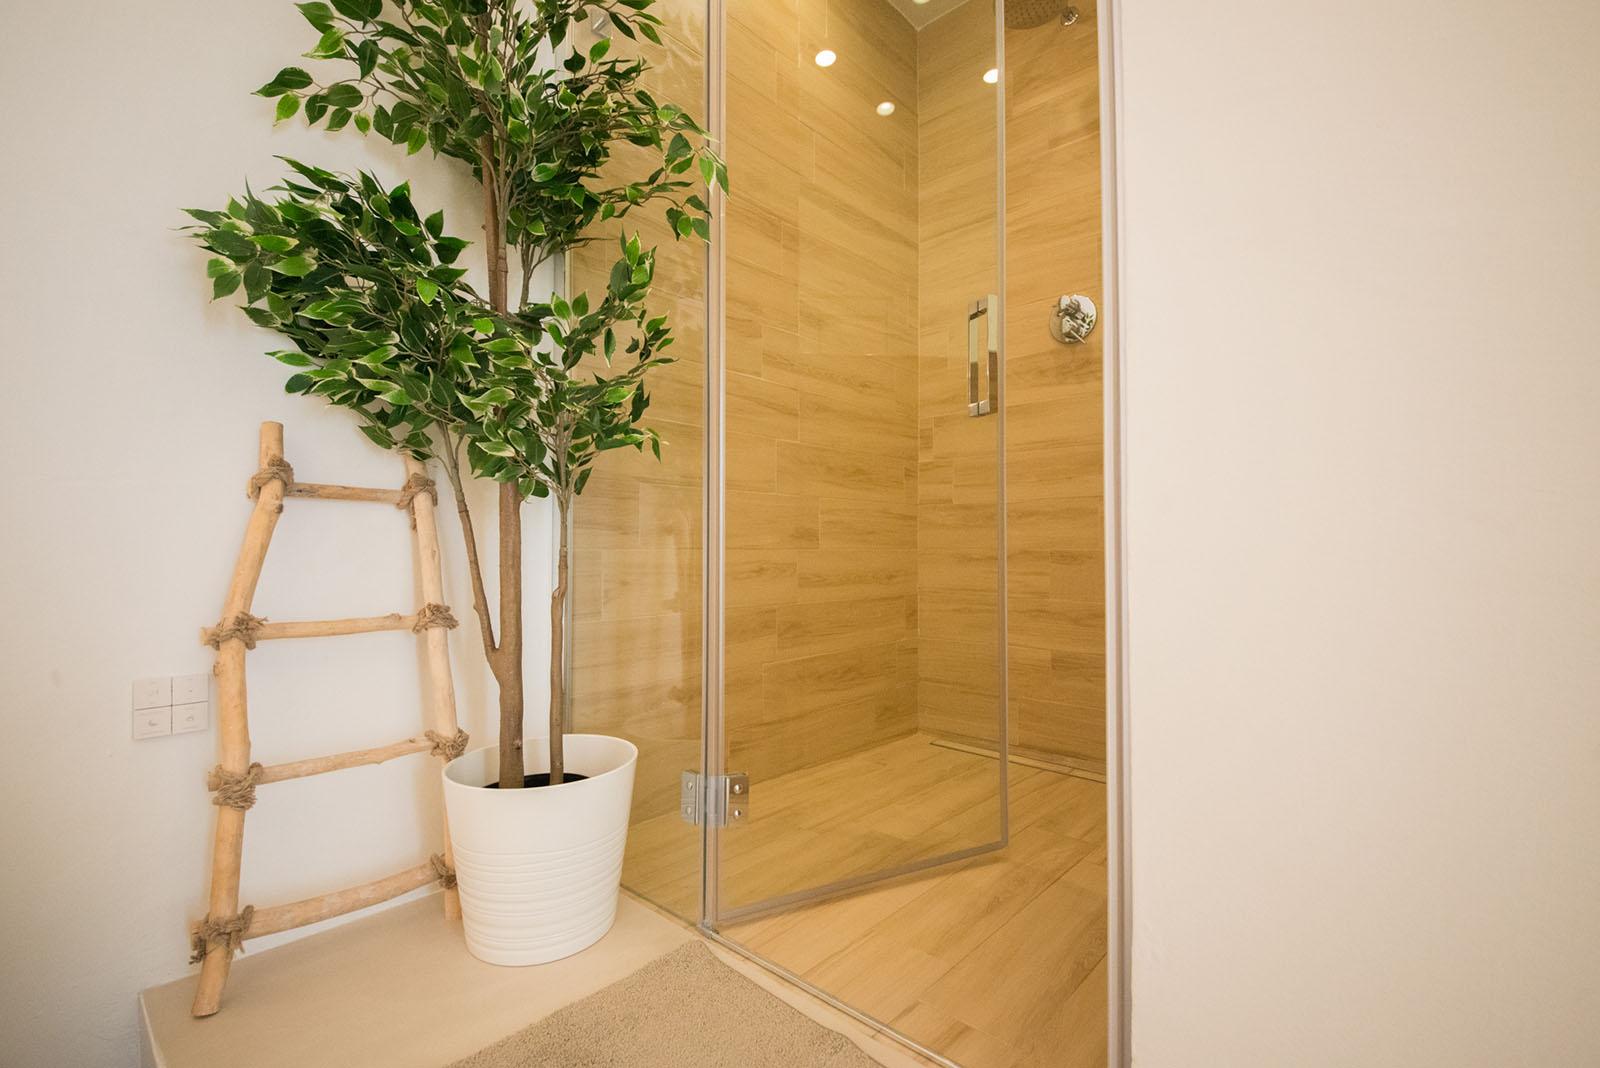 1 bed and breakfast agropoli progettazione architettonica domotica salerno break for two mare nest room 7 b&b